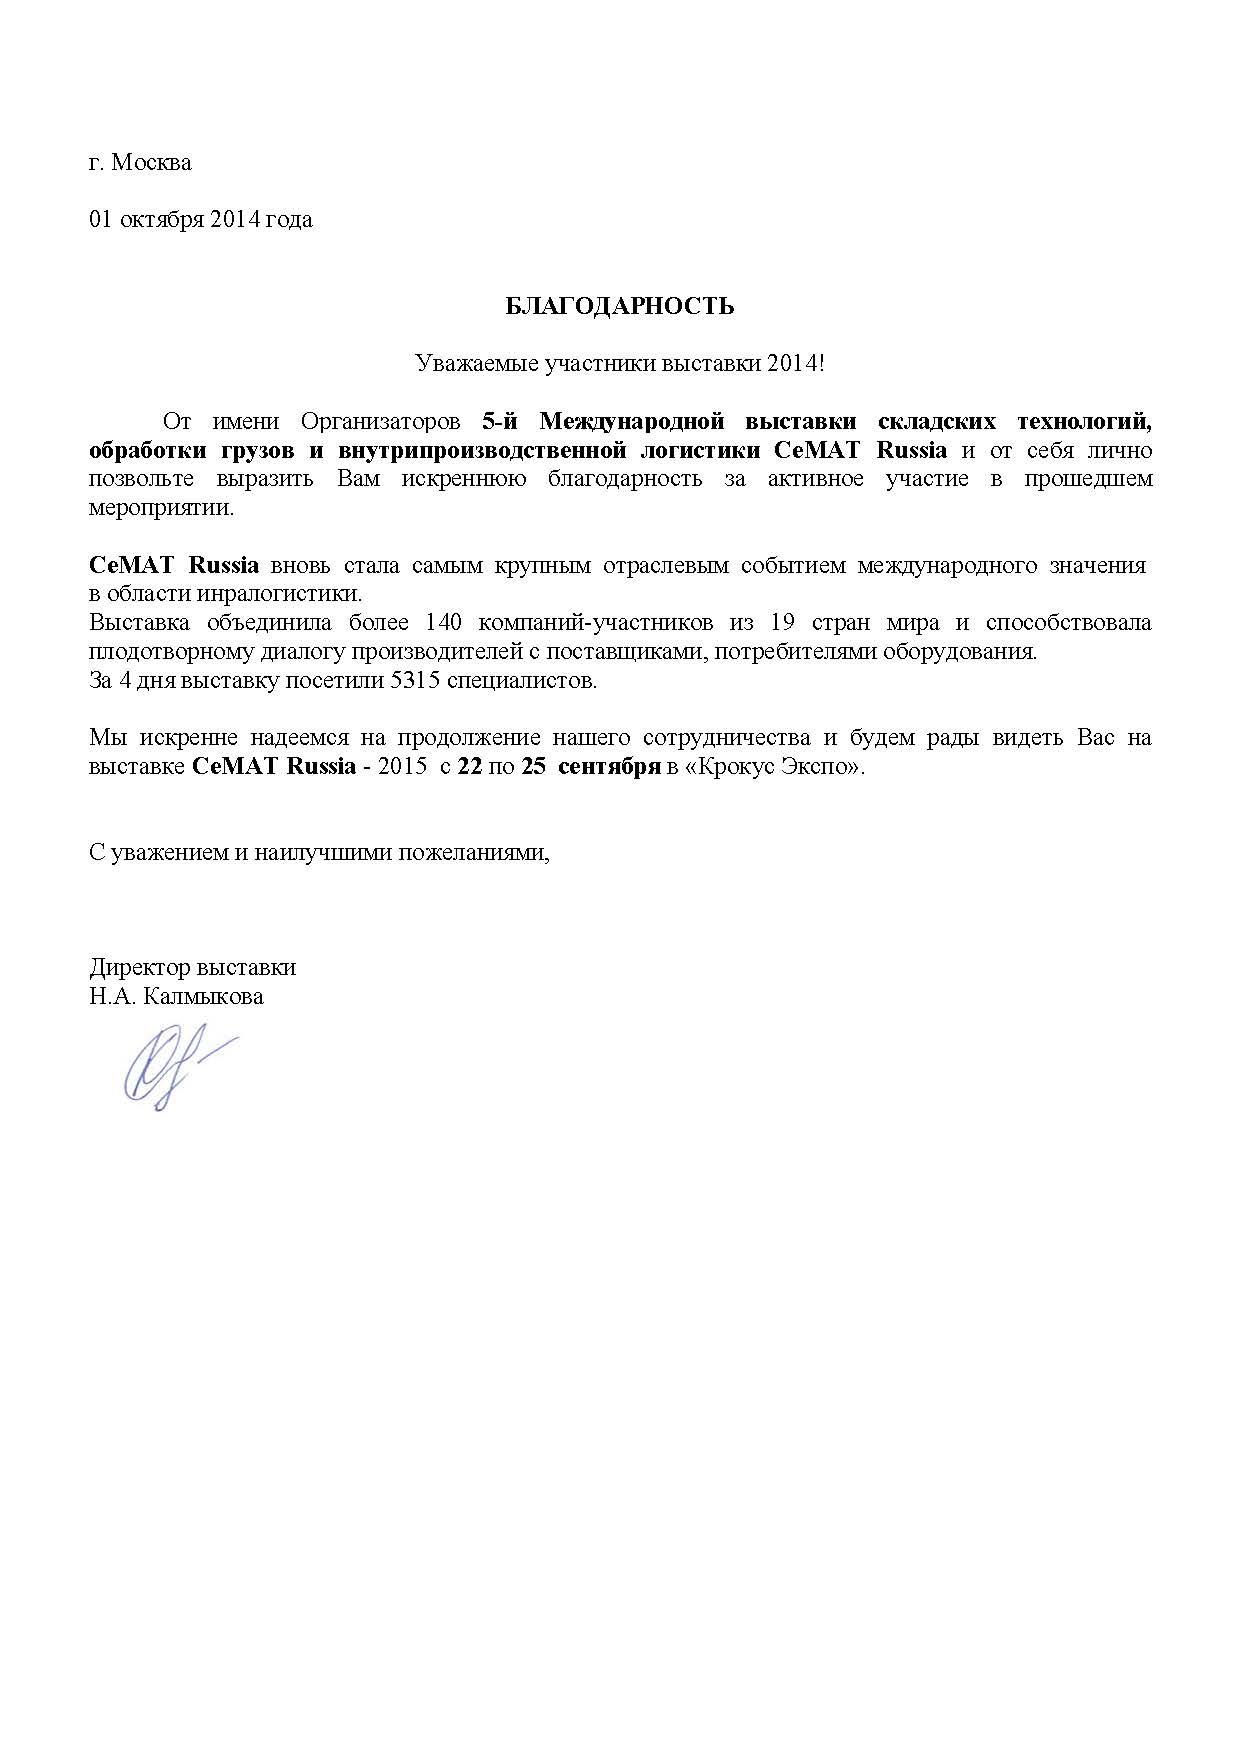 Благодарственное письмо CeMAT Russia 2014